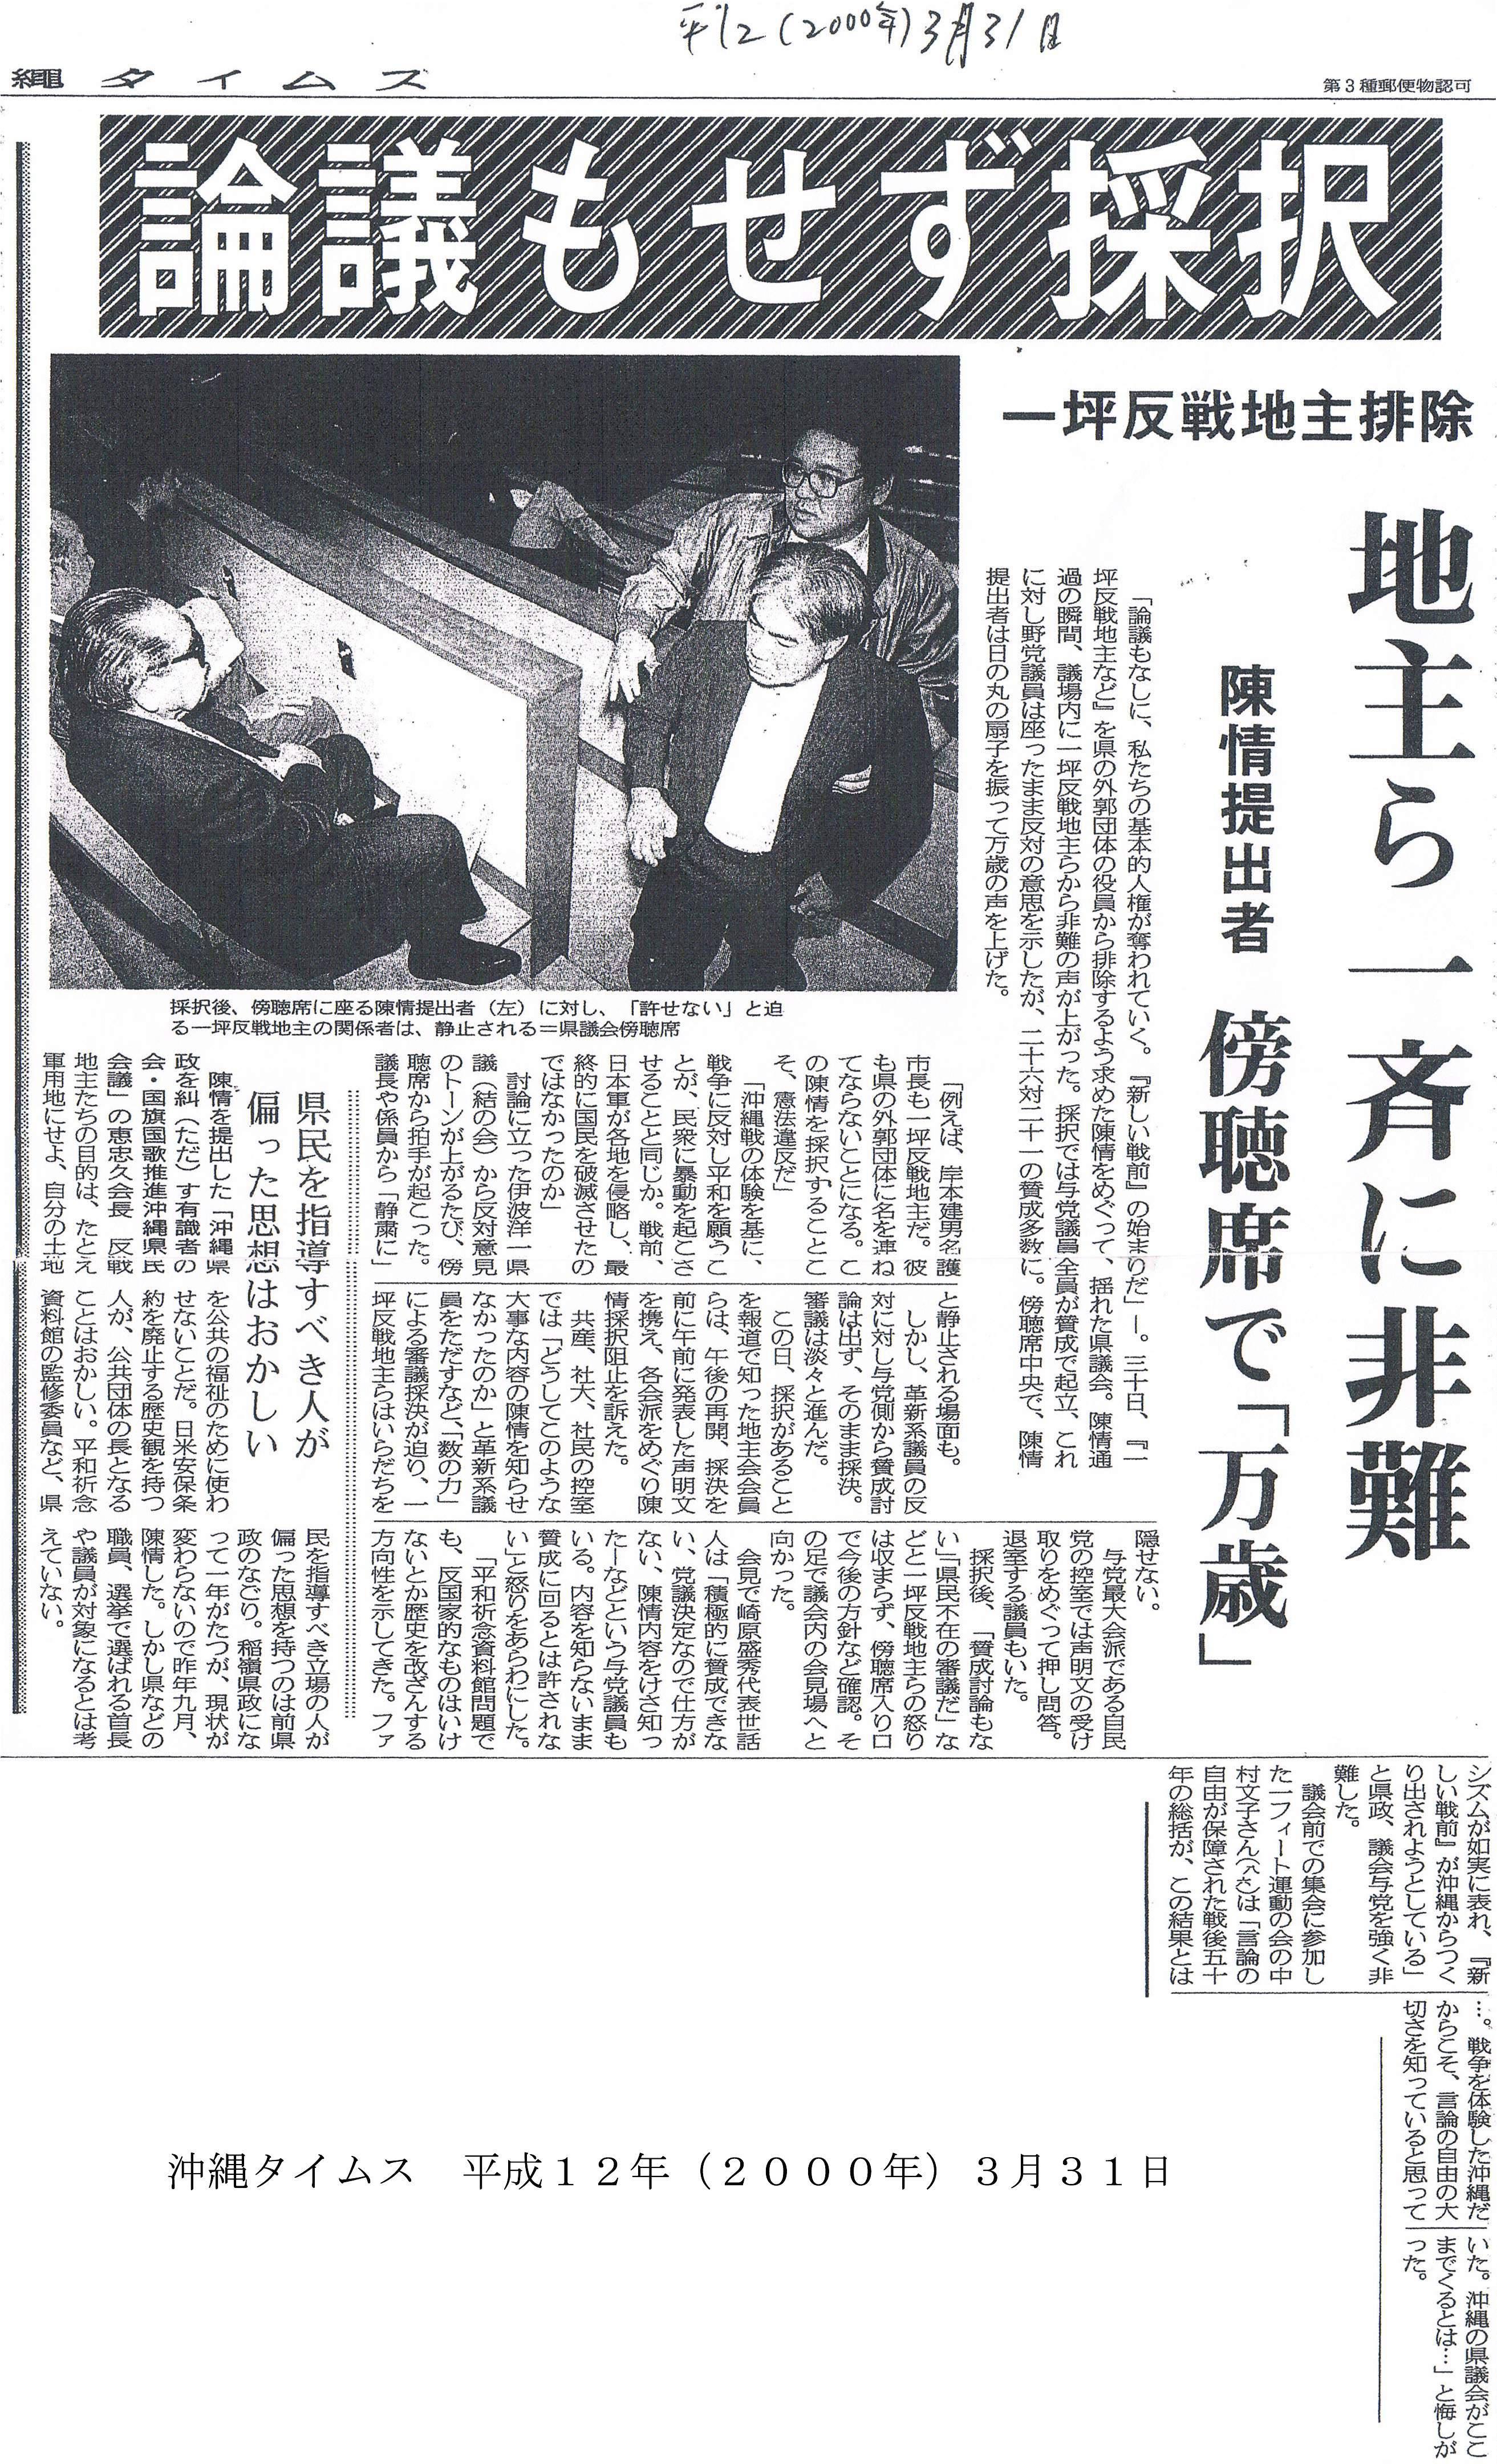 琉球新報、沖縄タイムスを正す県...